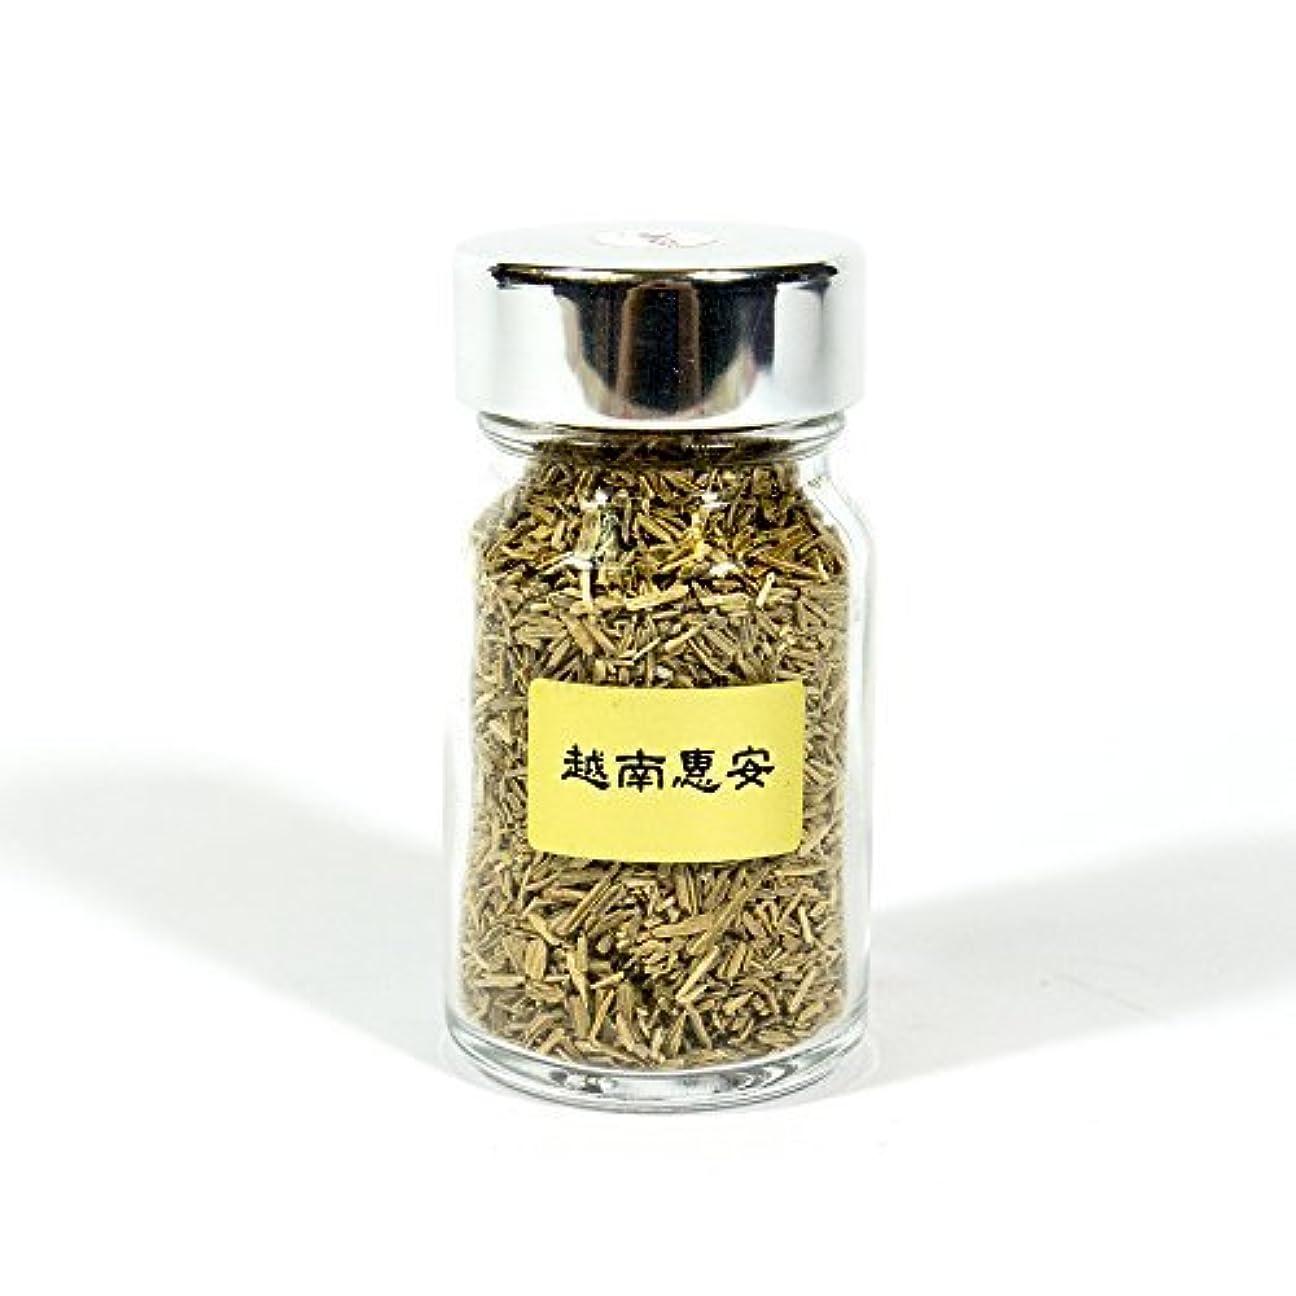 横に寛容メトリックAgarwood Aloeswood Oud Chip Scrap Vietnam Hoi-An 10g Cultivated Suitable for Electric Burner by IncenseHouse - Raw Material [並行輸入品]